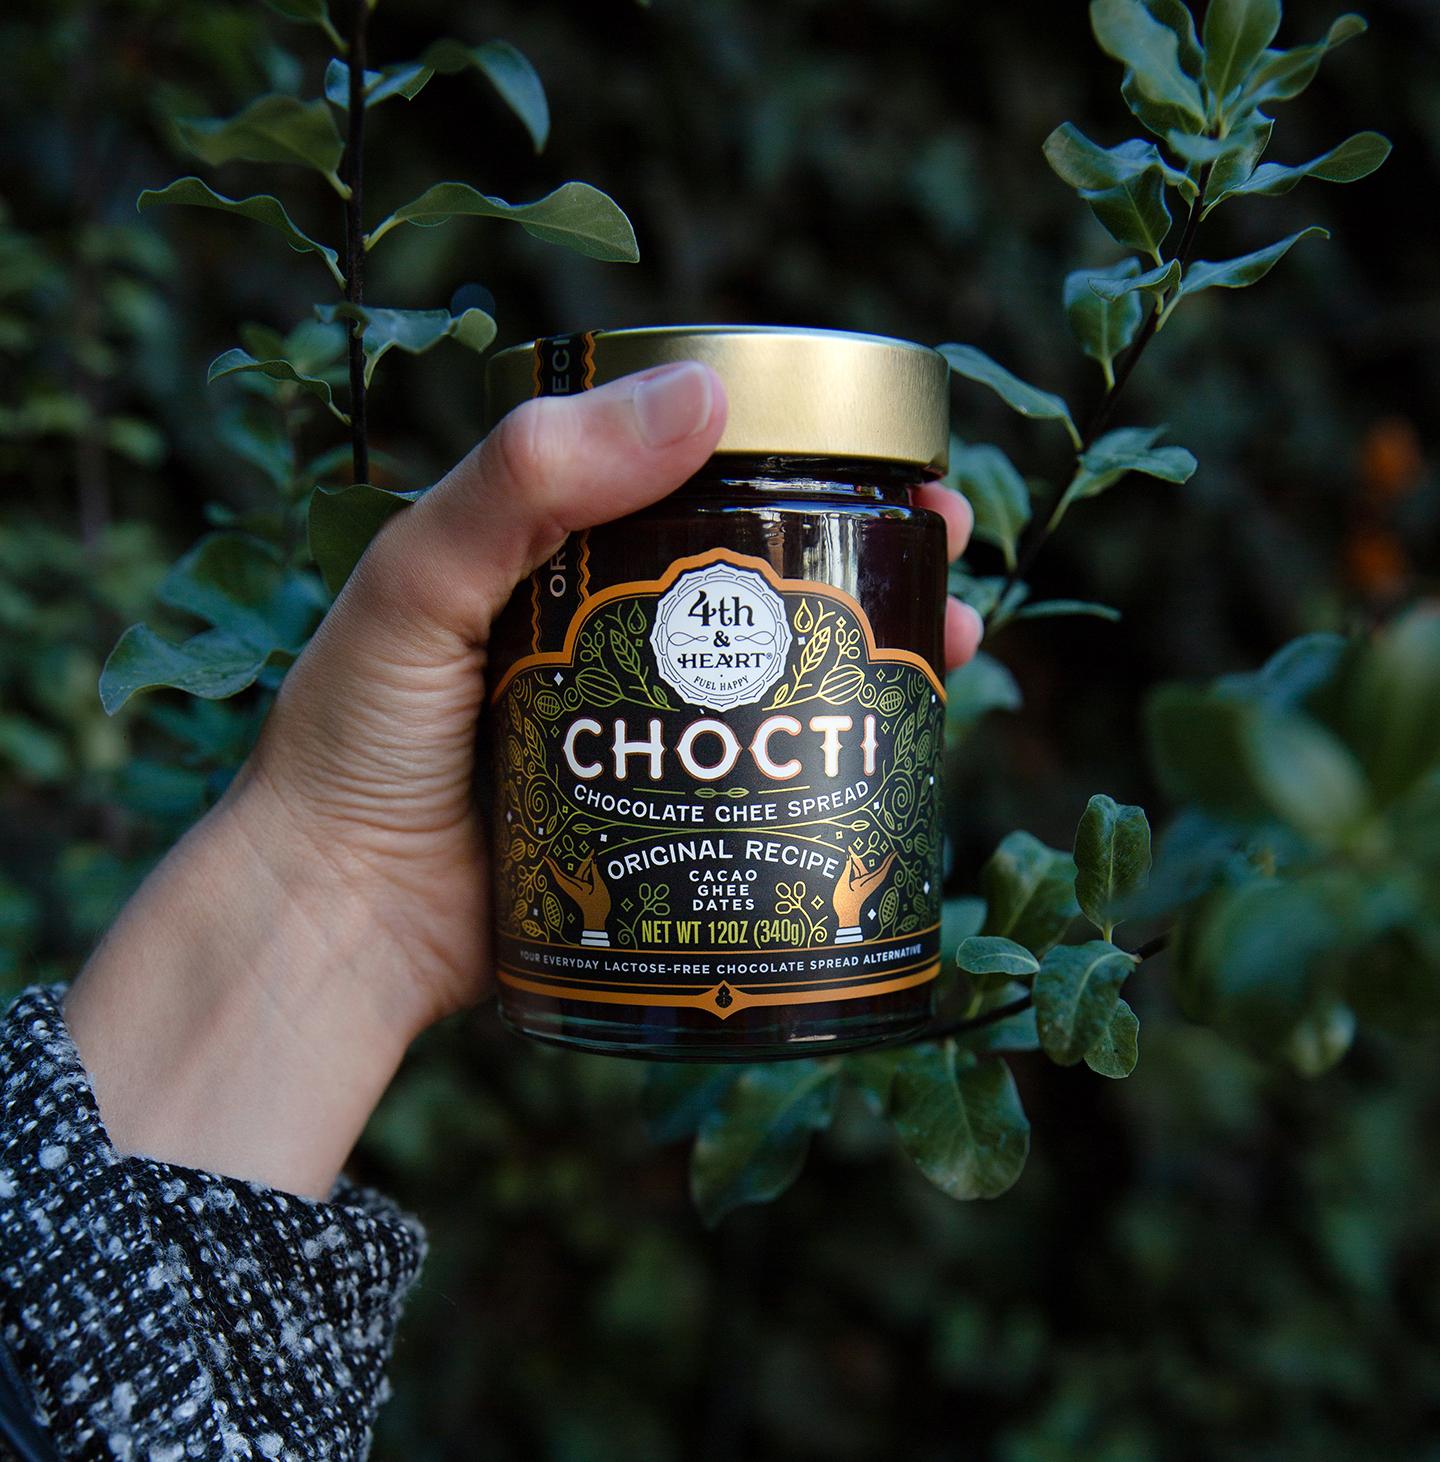 4th & Heart Chocti Ghee